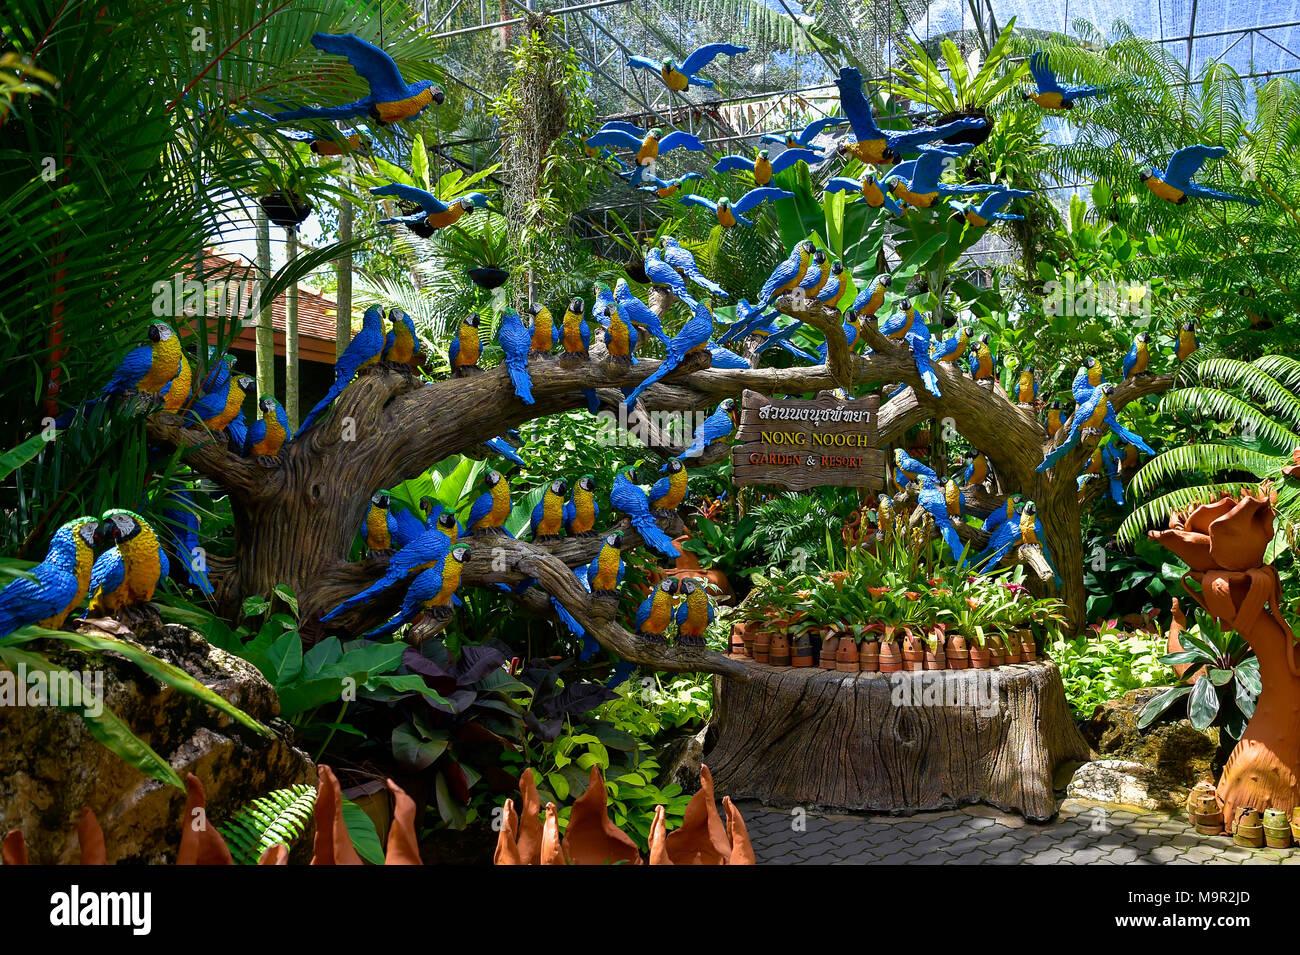 Parrot figures, Nong Nooch Tropical Botanical Garden, Pattaya, Thailand